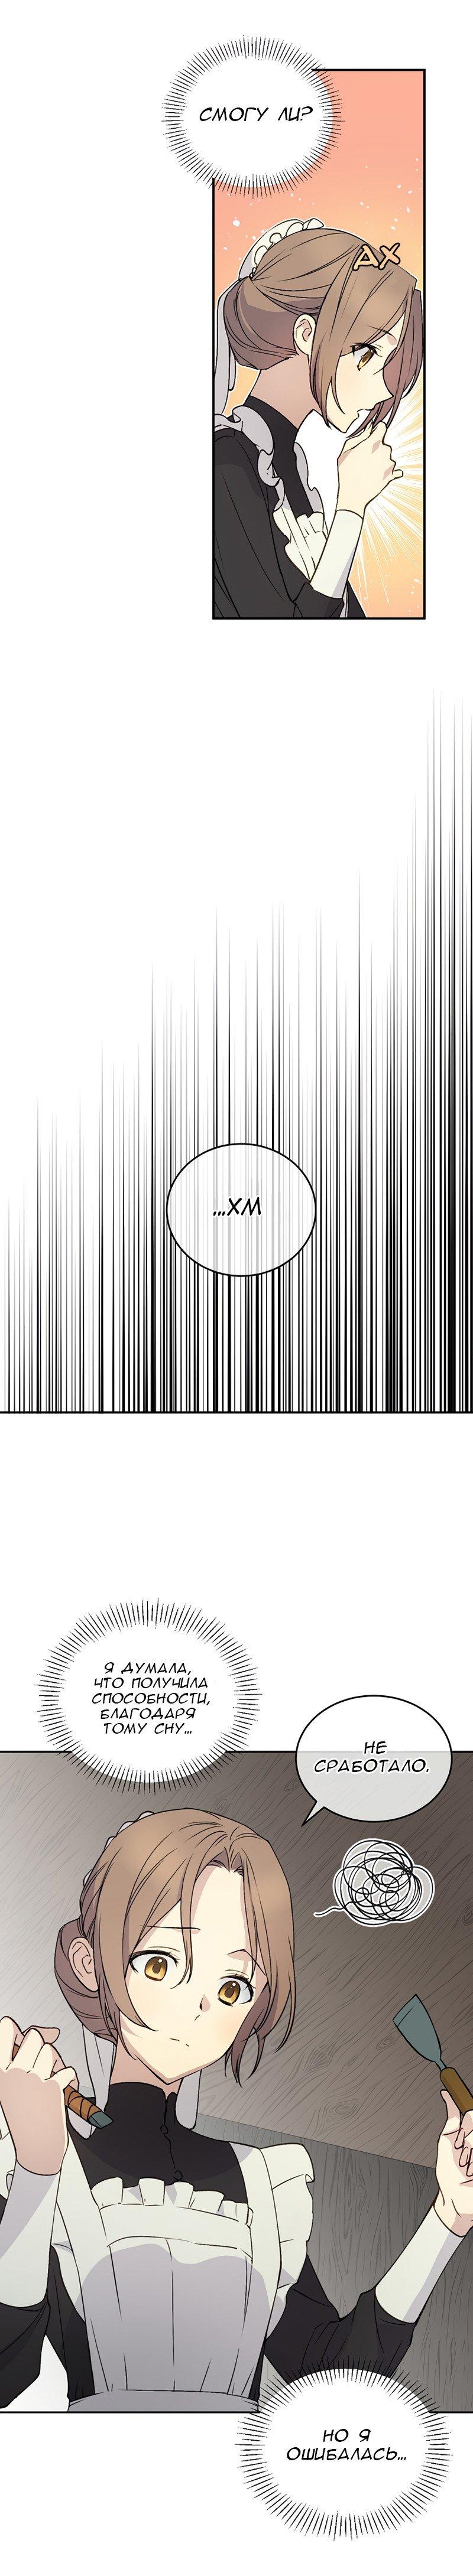 Манга Способная горничная / Capable maid  - Том 1 Глава 3 Страница 20